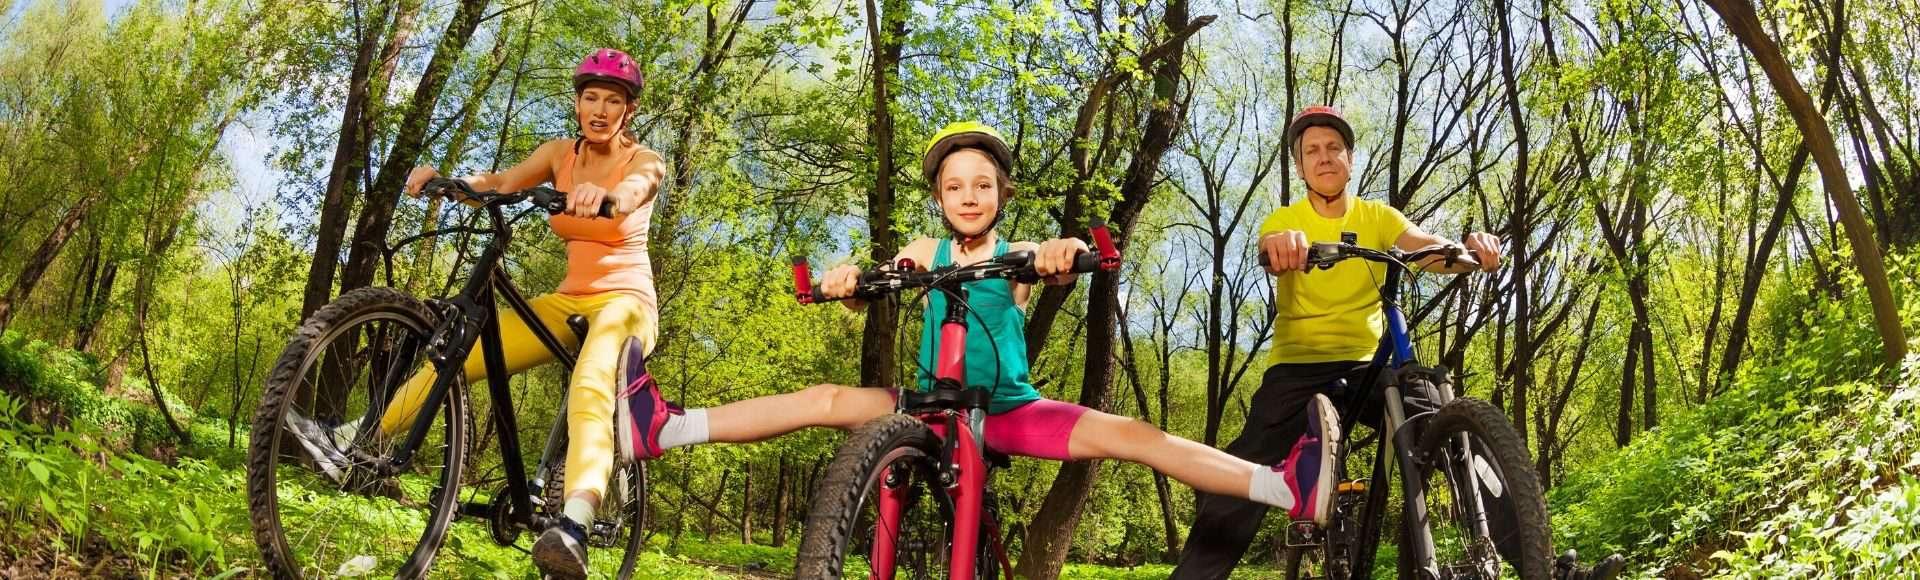 photo of family on bikes